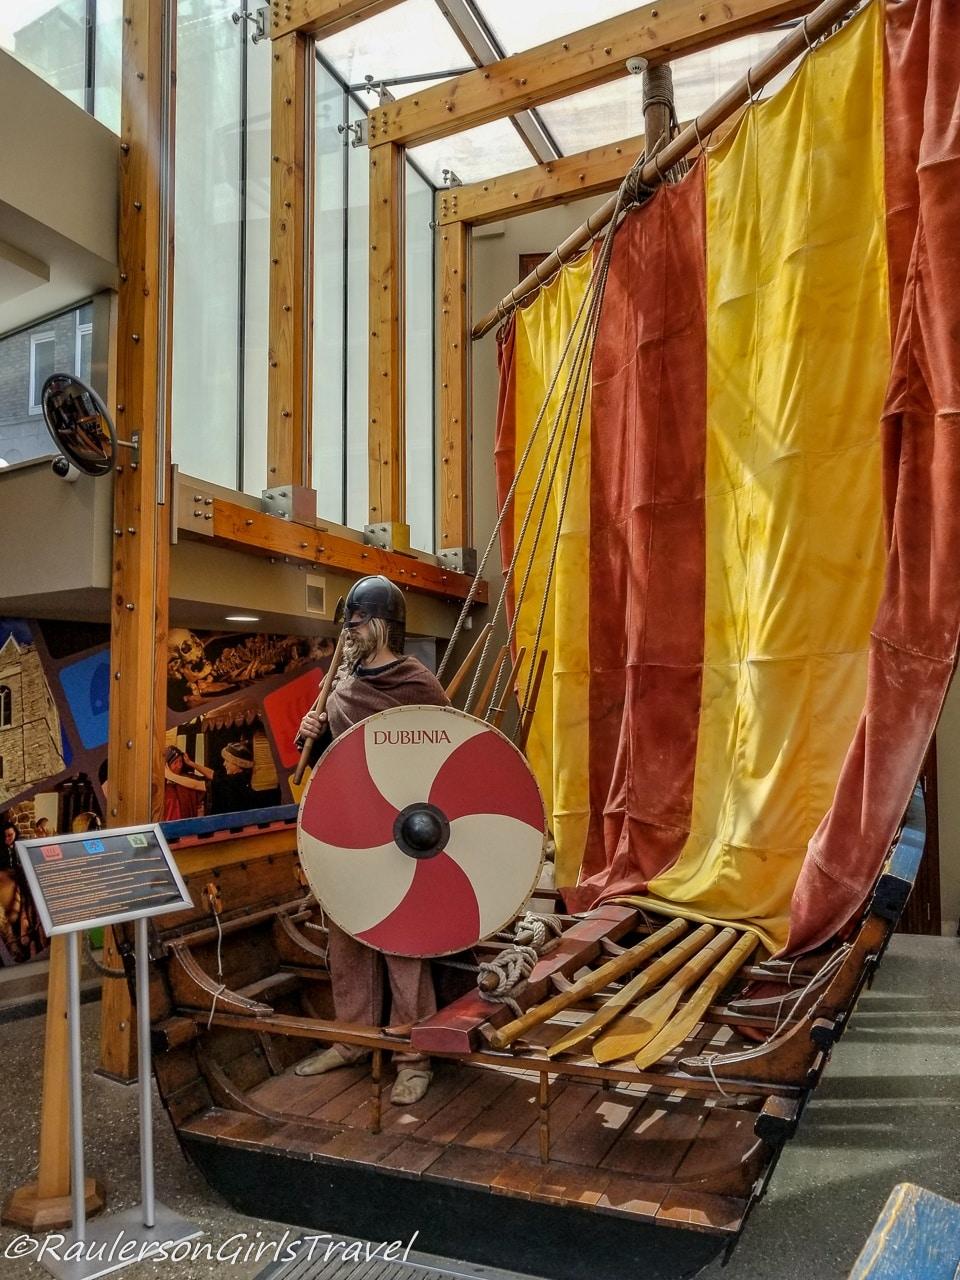 Viking with Boat at Dublina